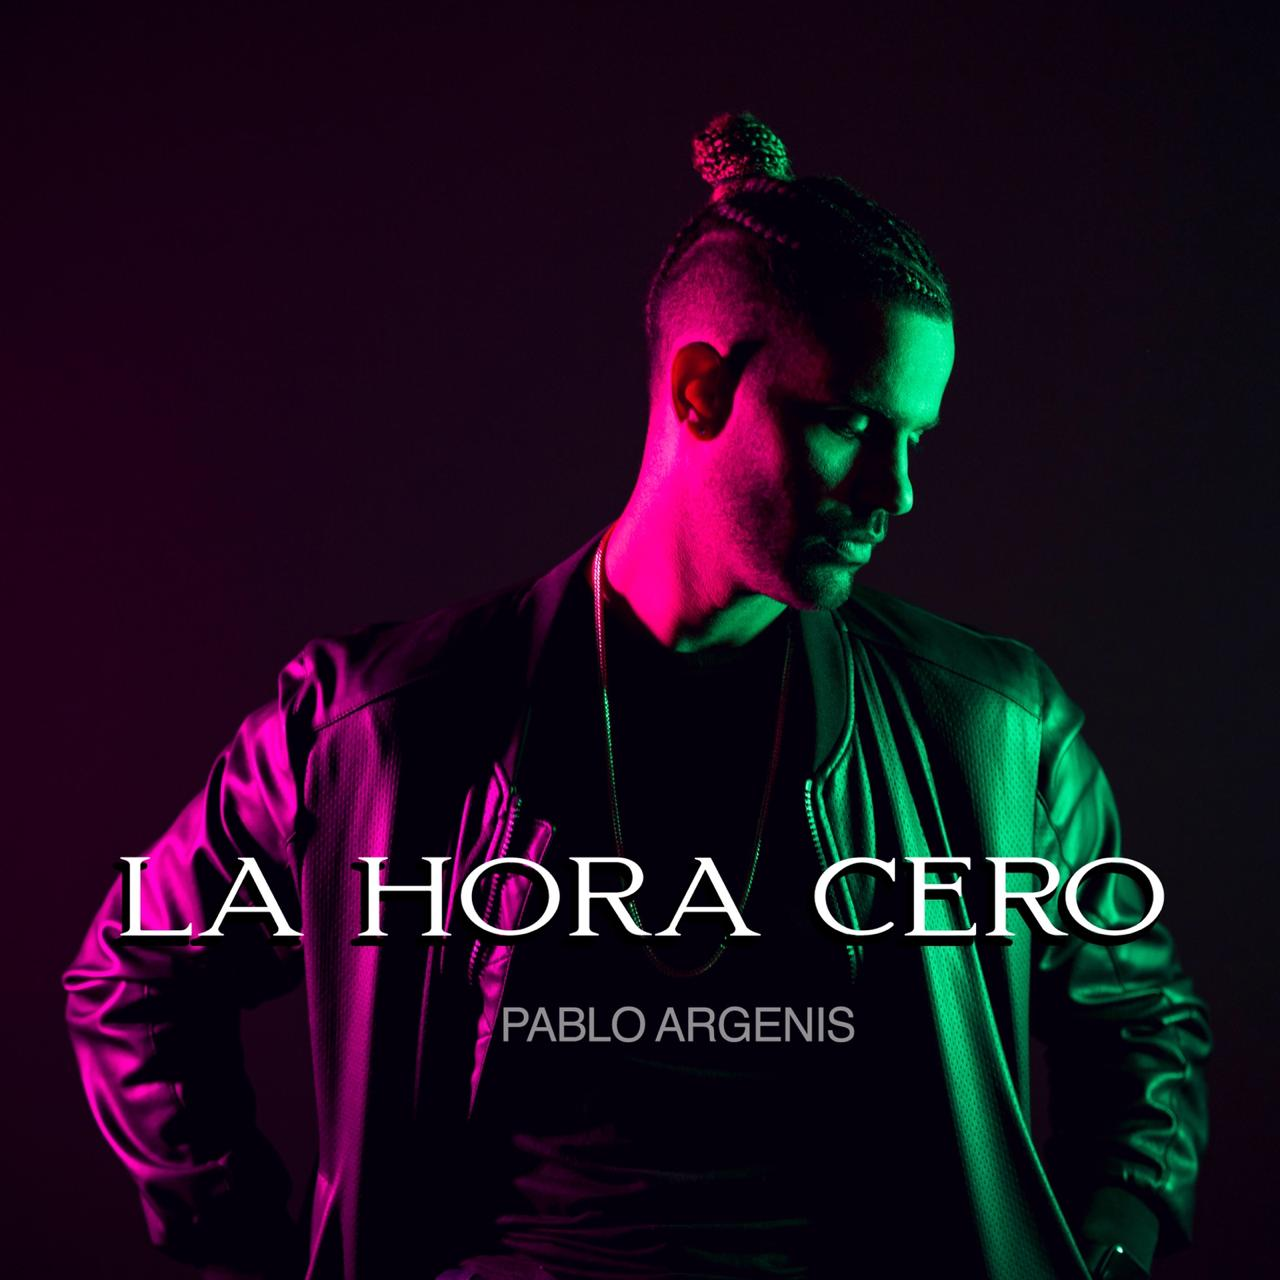 """Pablo Argenis estrena este viernes su nuevo sencillo """"La hora cero"""""""